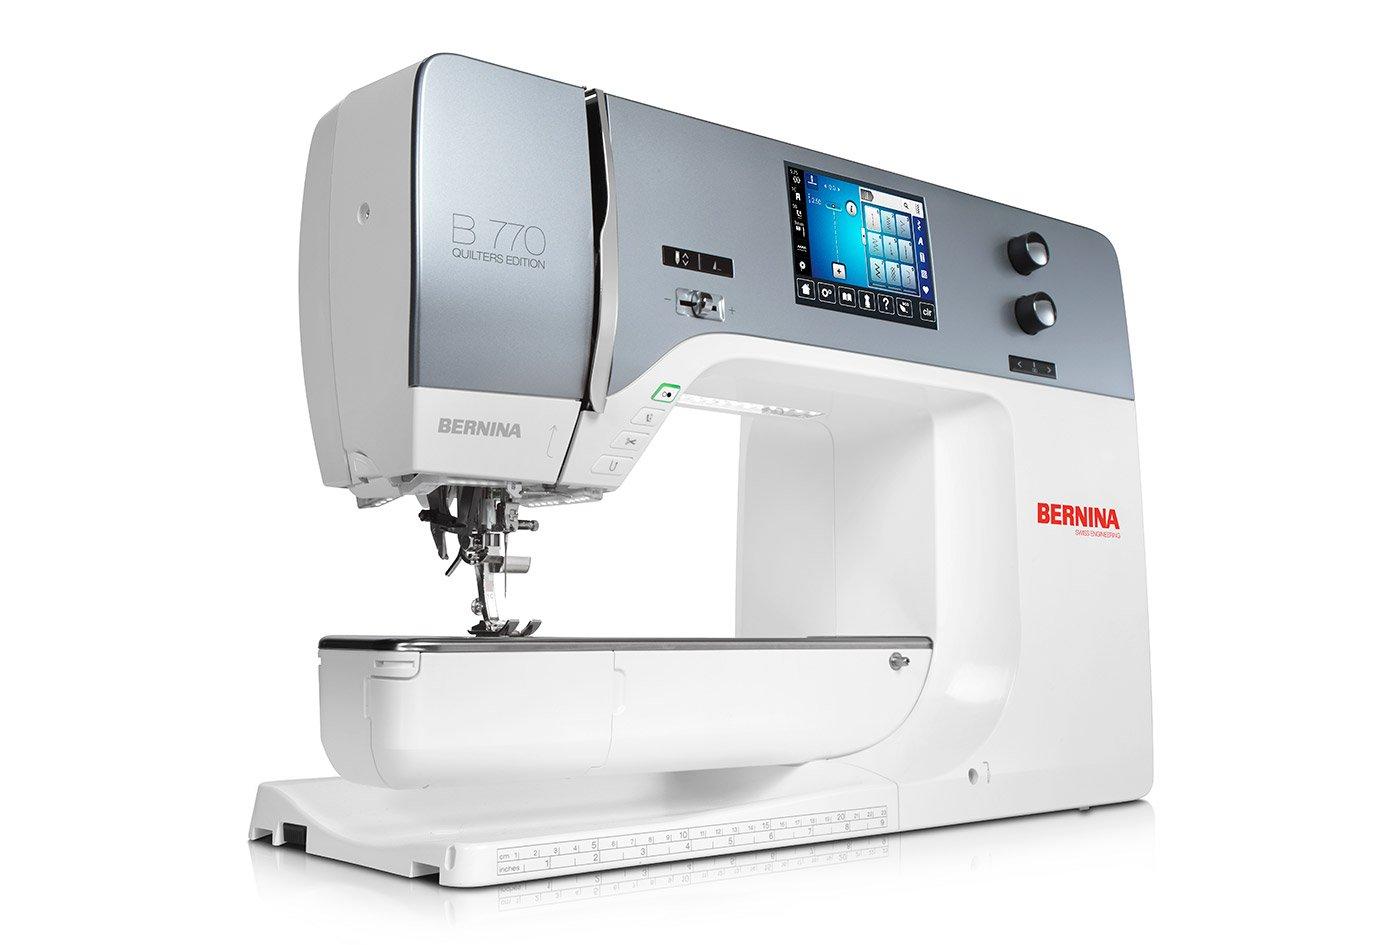 *B 770 QE WITHOUT MODULE//SEWING MACHINE//BERNINA